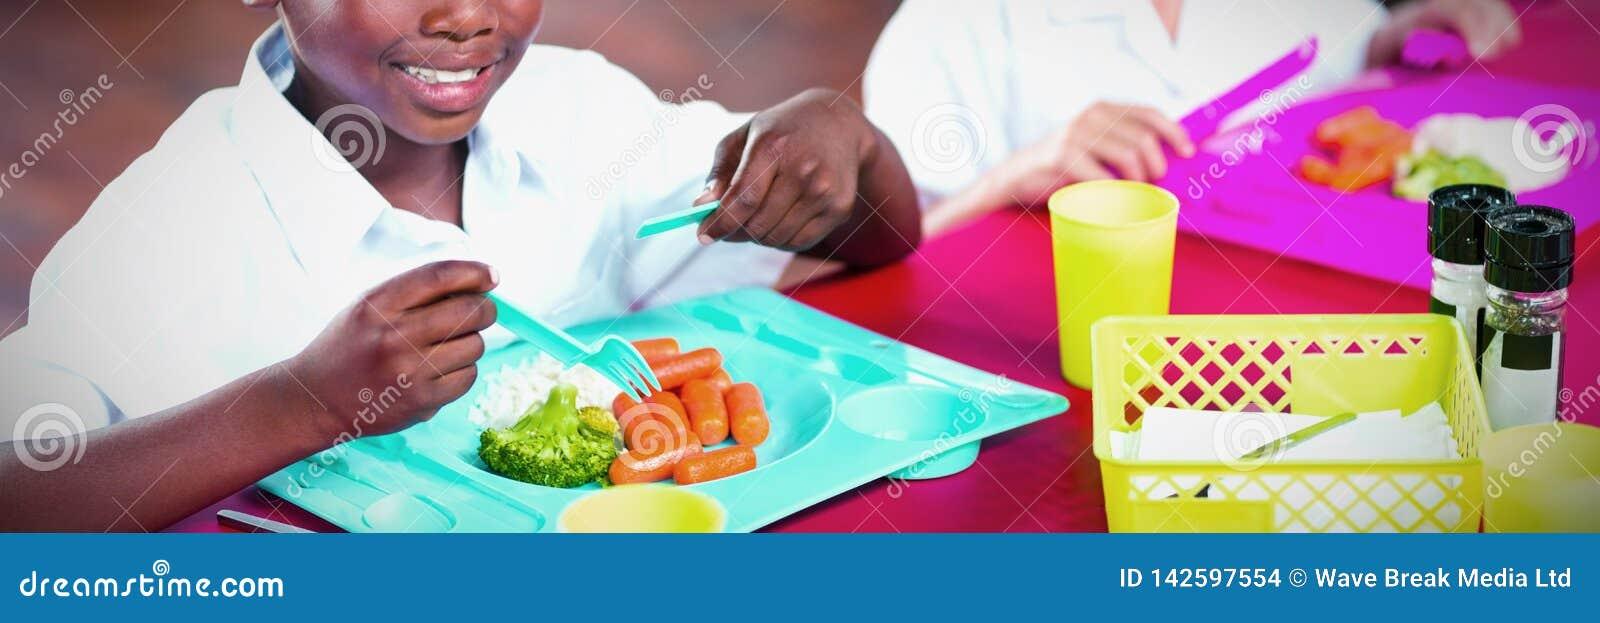 Мальчик и девушка в школьных формах имея обед в школьном кафетерии